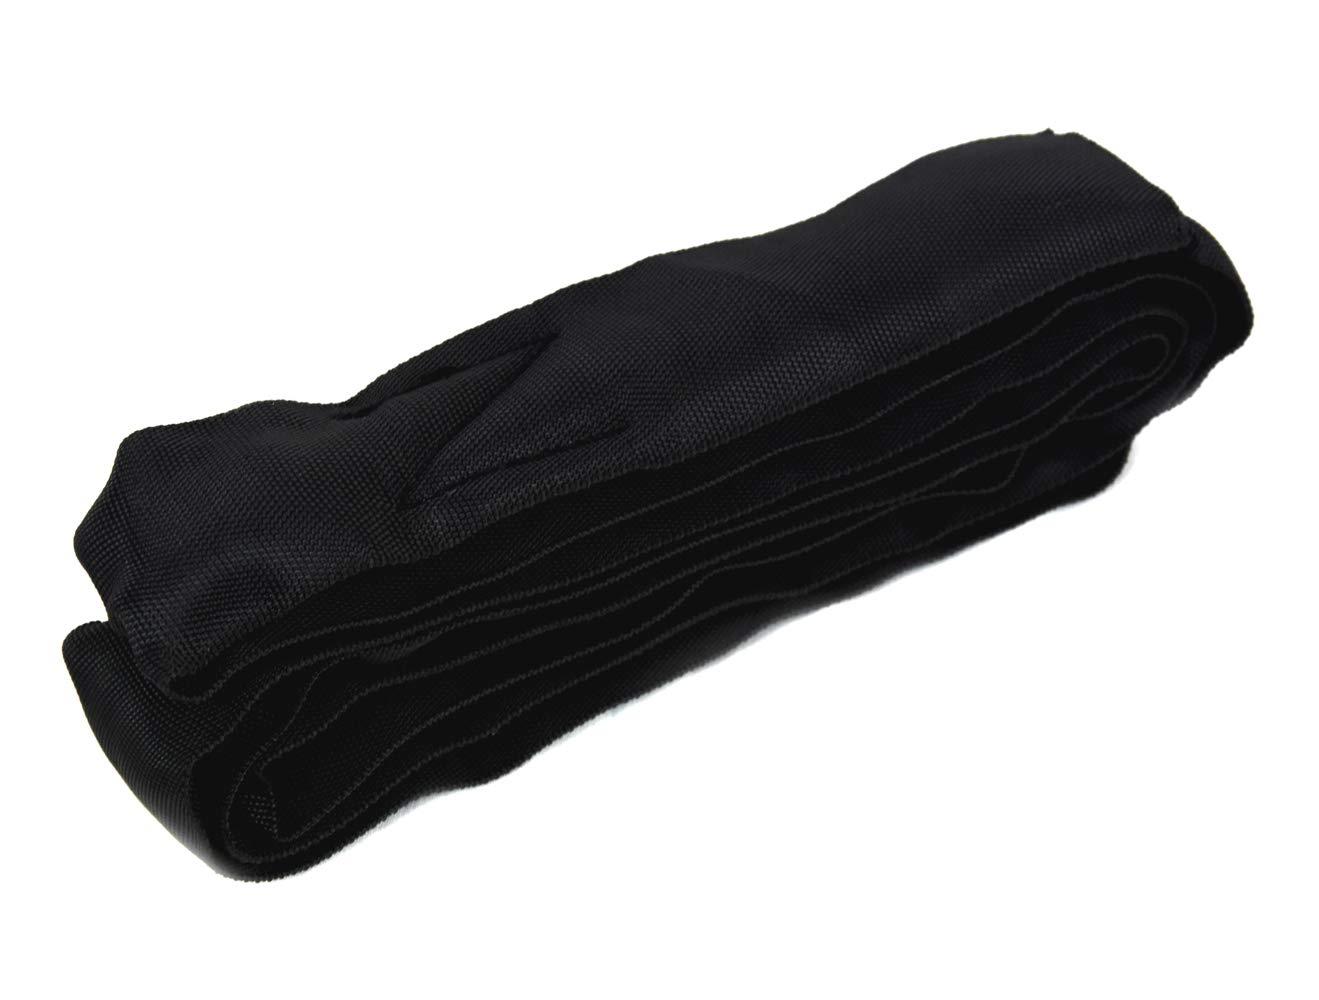 1t-1m Schwarz 1 m, 1m Verwendung - 2m Schlingenl/änge Rundschlinge aus polyester HT 1000 kg 030033002501